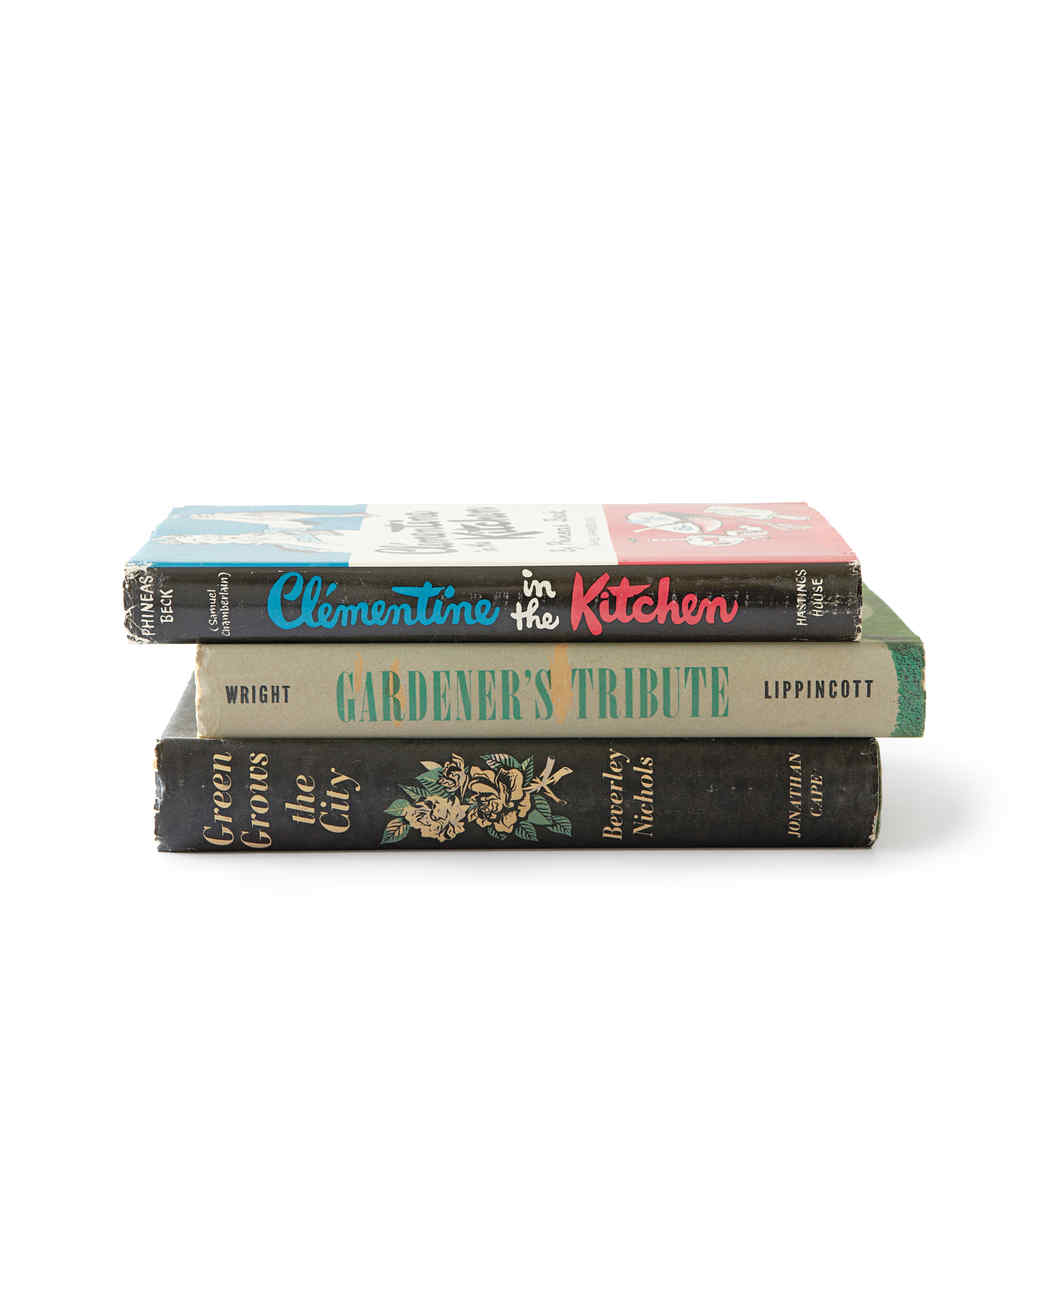 cooking-gardening-books-mld108797.jpg